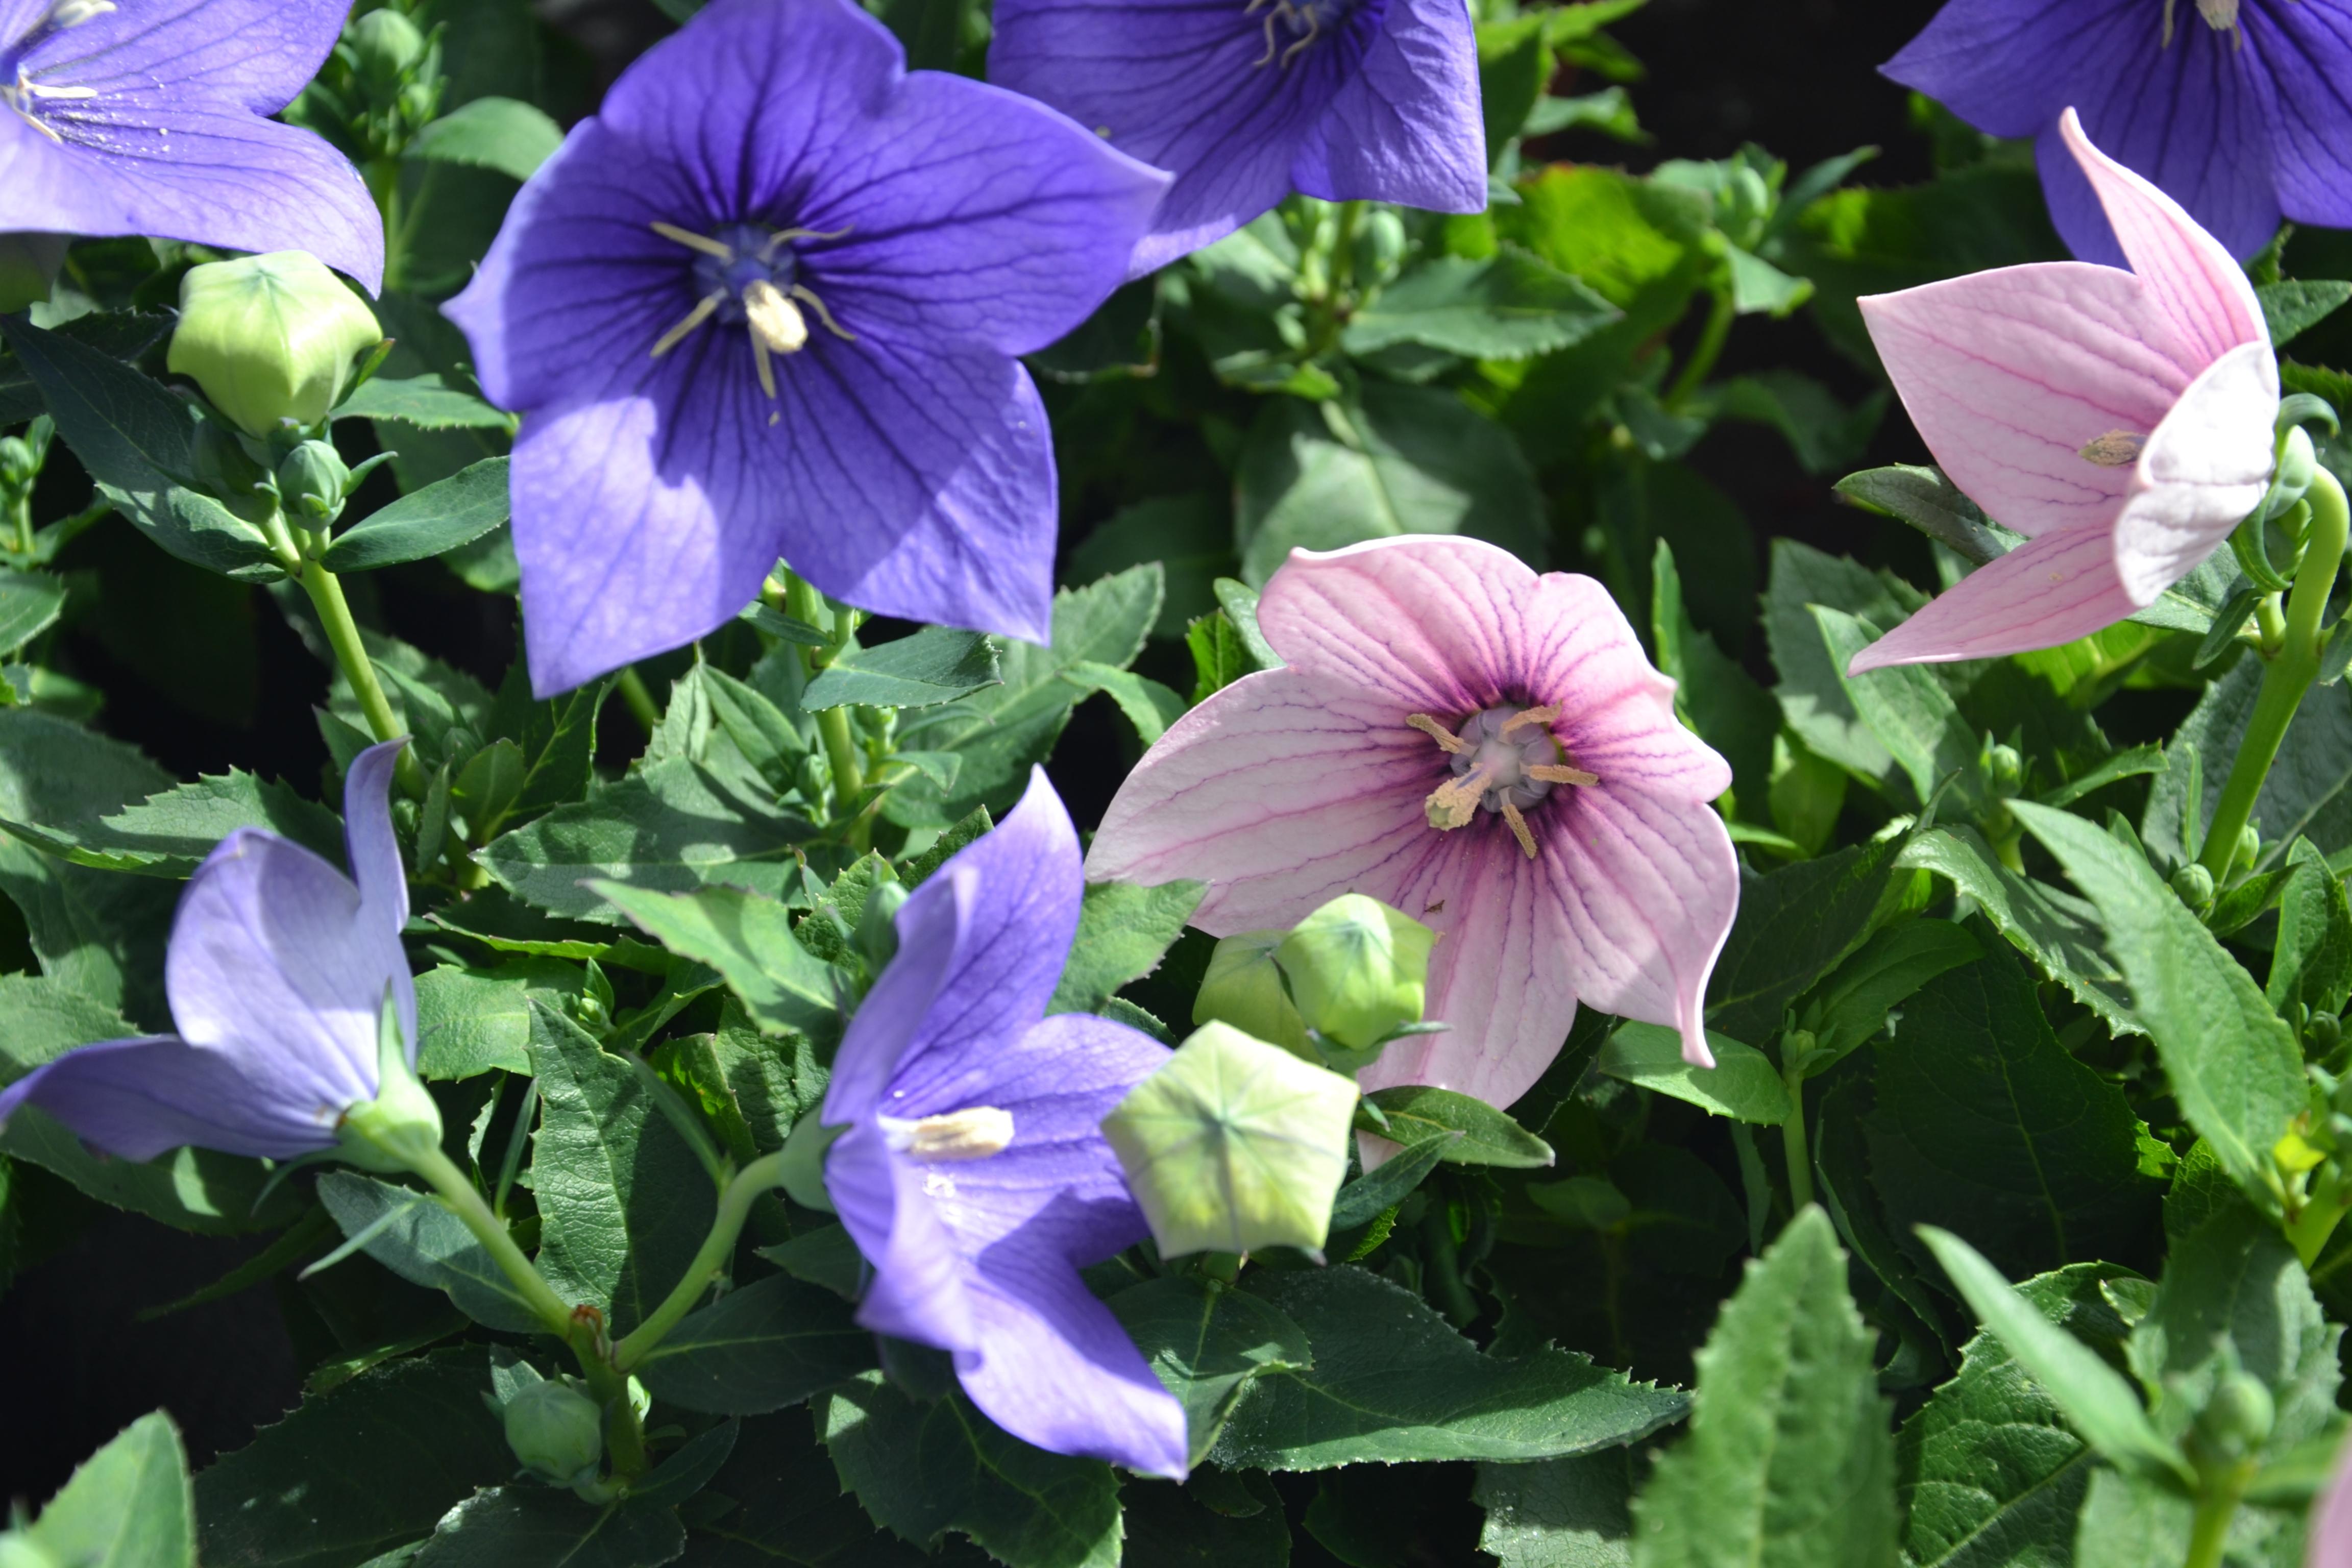 Ballonblume (Platycodon)   Die ballonartigen, aufgebläht erscheinenden Blütenknospen gaben der asiatischen Staude ihren Namen. Sie gehört zu den Glockenblumengewächsen und erfreut uns mit ihren großen blauen oder lila Blüten.